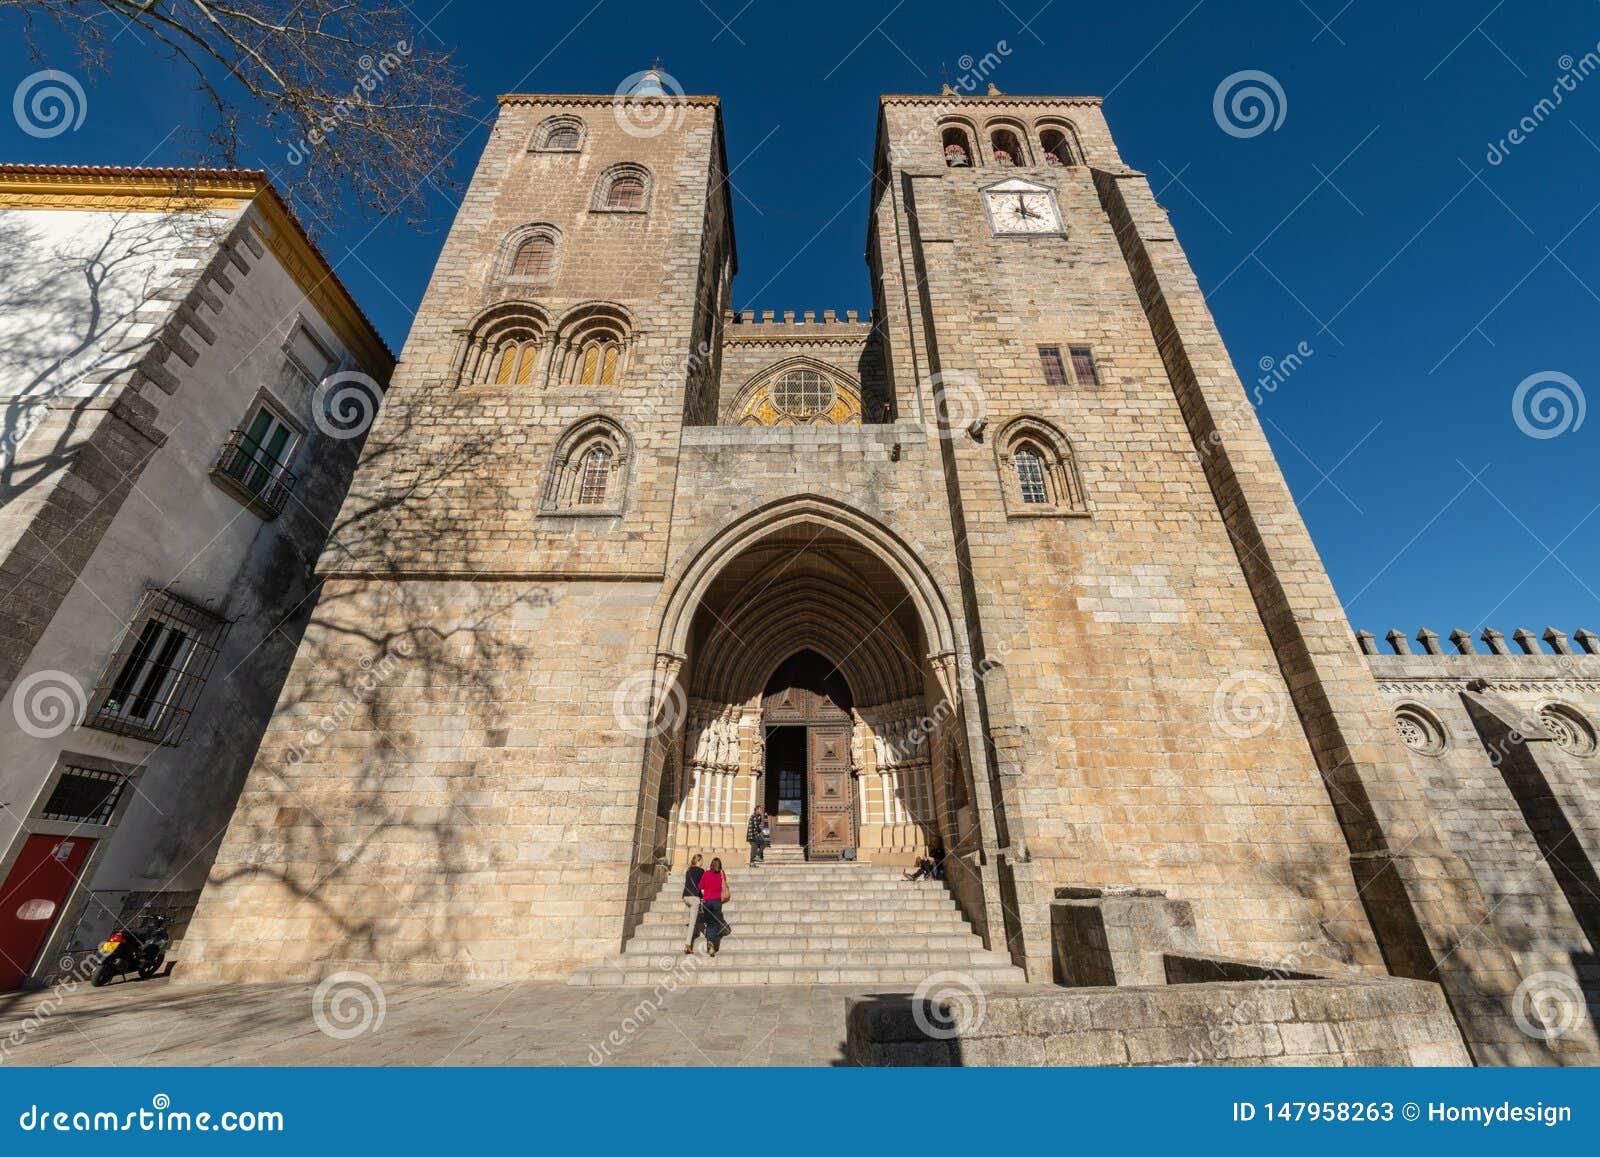 Catedral dedicada a la Virgen María en Evora